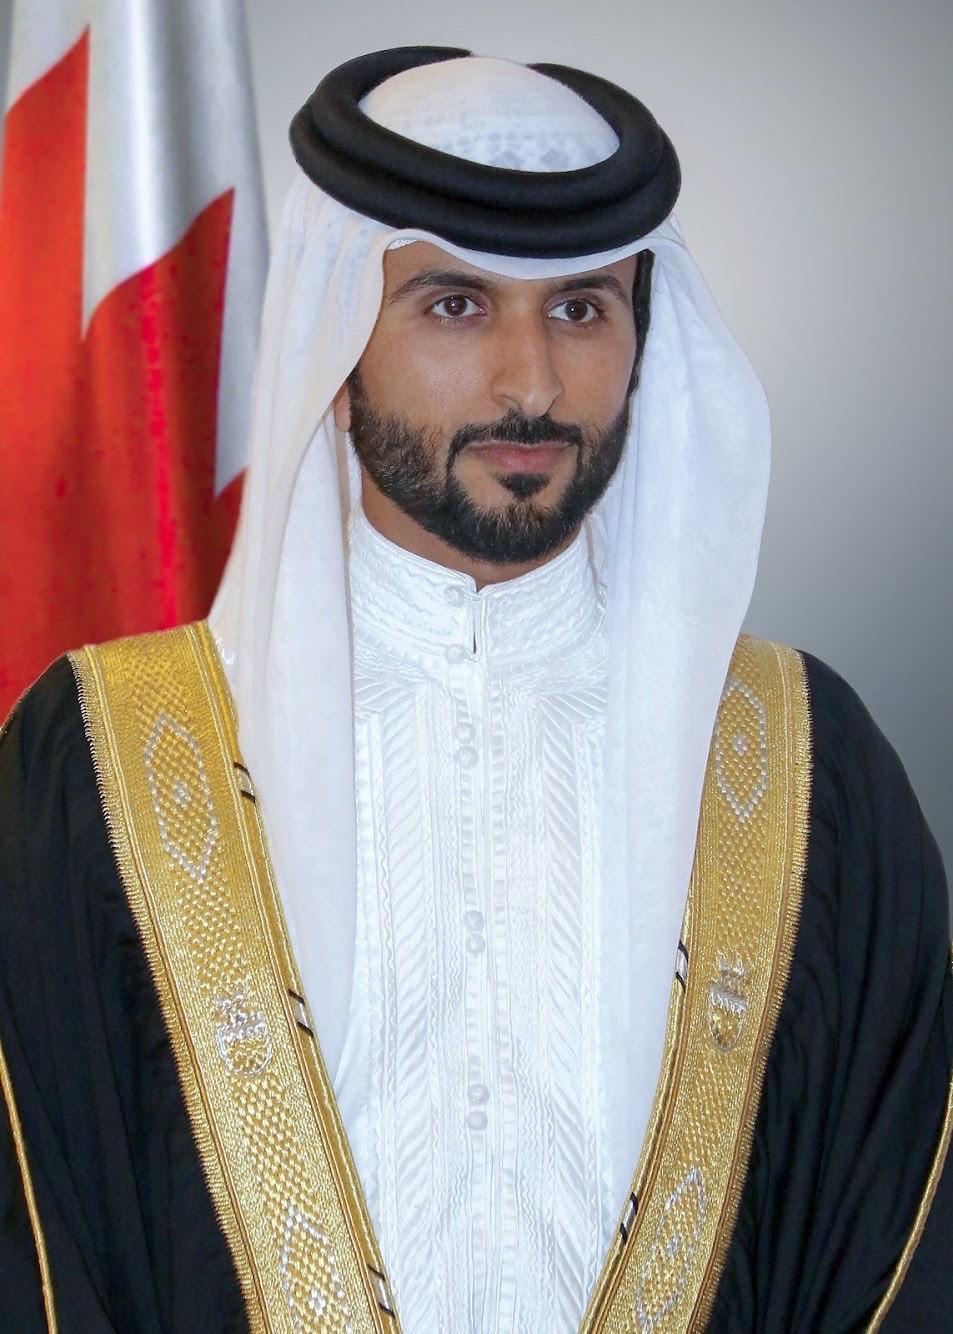 ناصر بن حمد: التقيد بالاحترازات والتدابير الصحية الطريق الأمثل لنجاح عودة النشاط الرياضي